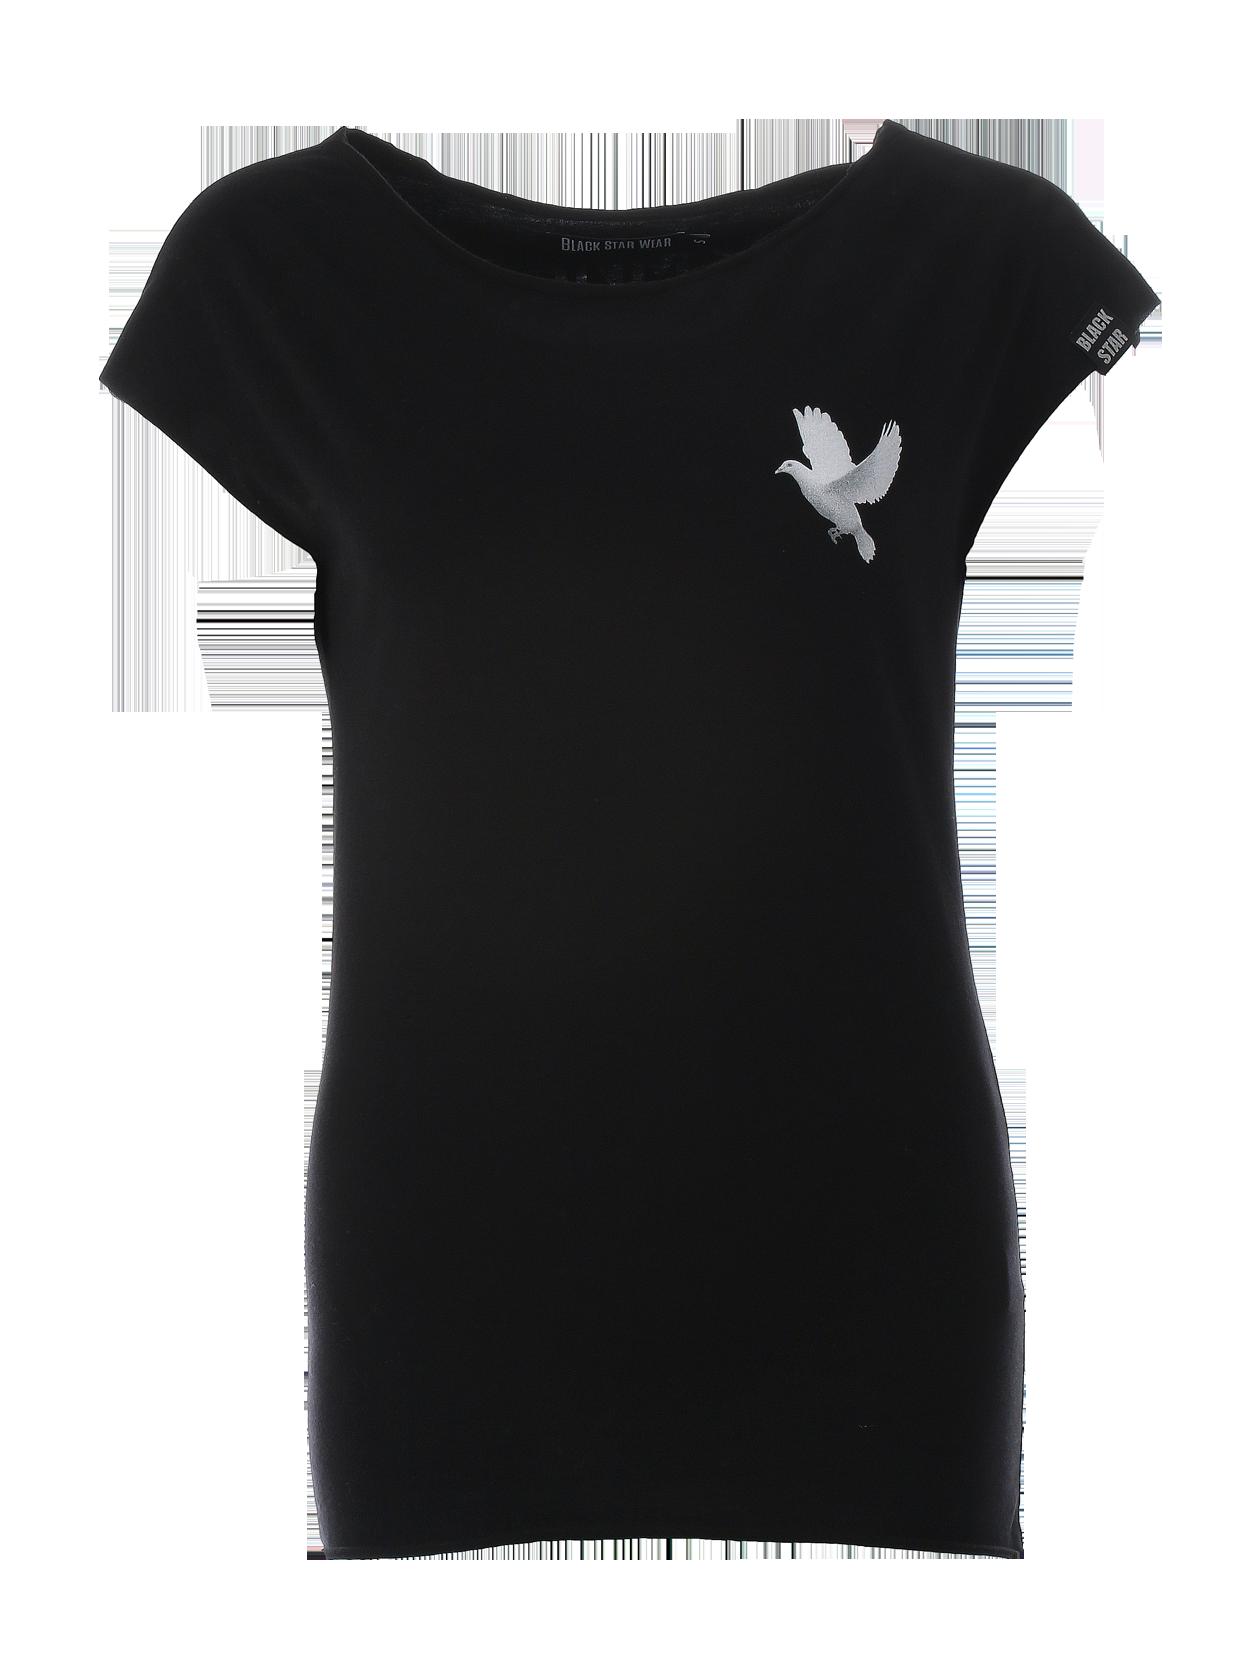 Womens t-shirt МИР